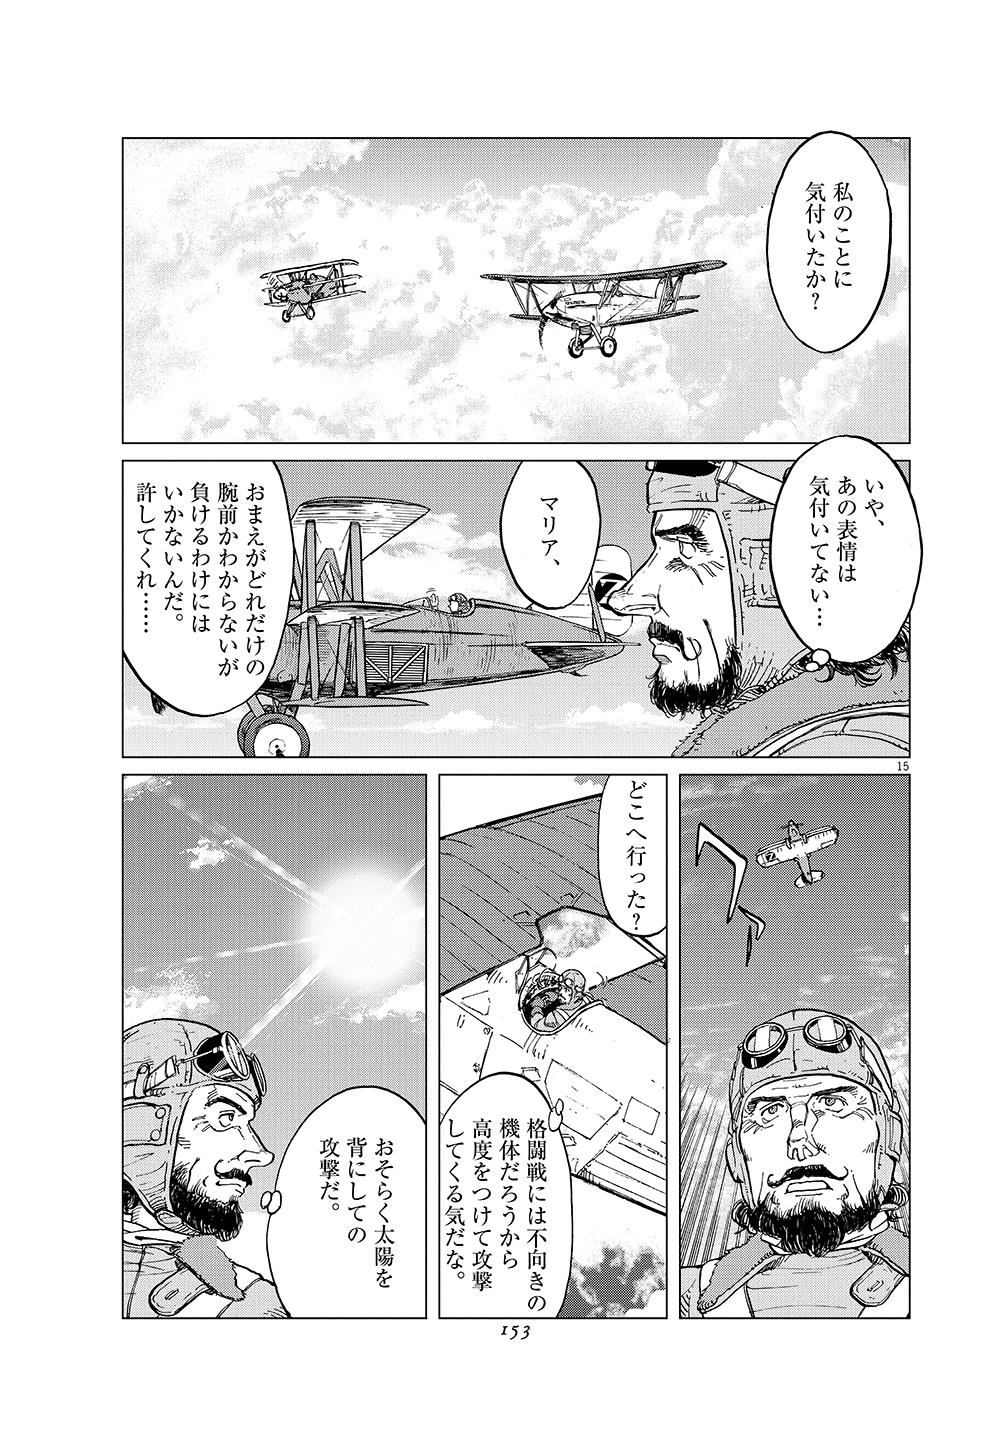 女流飛行士マリア・マンテガッツァの冒険 第十九話15ページ目画像